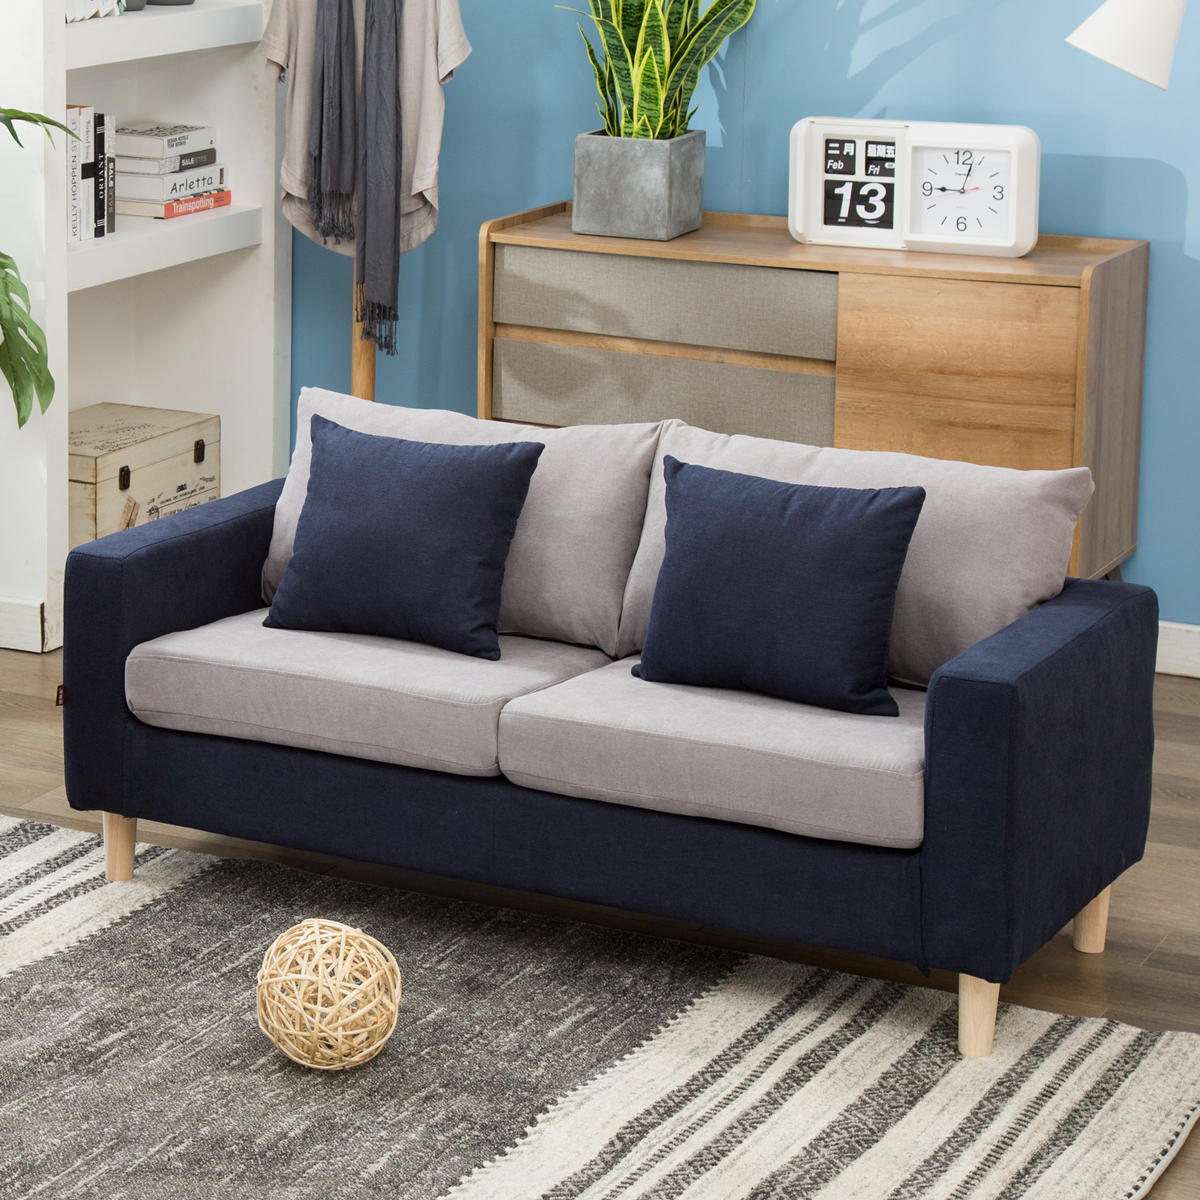 北欧简约小户型双人沙发公寓咖啡服装面包店两人三人小沙发全拆洗